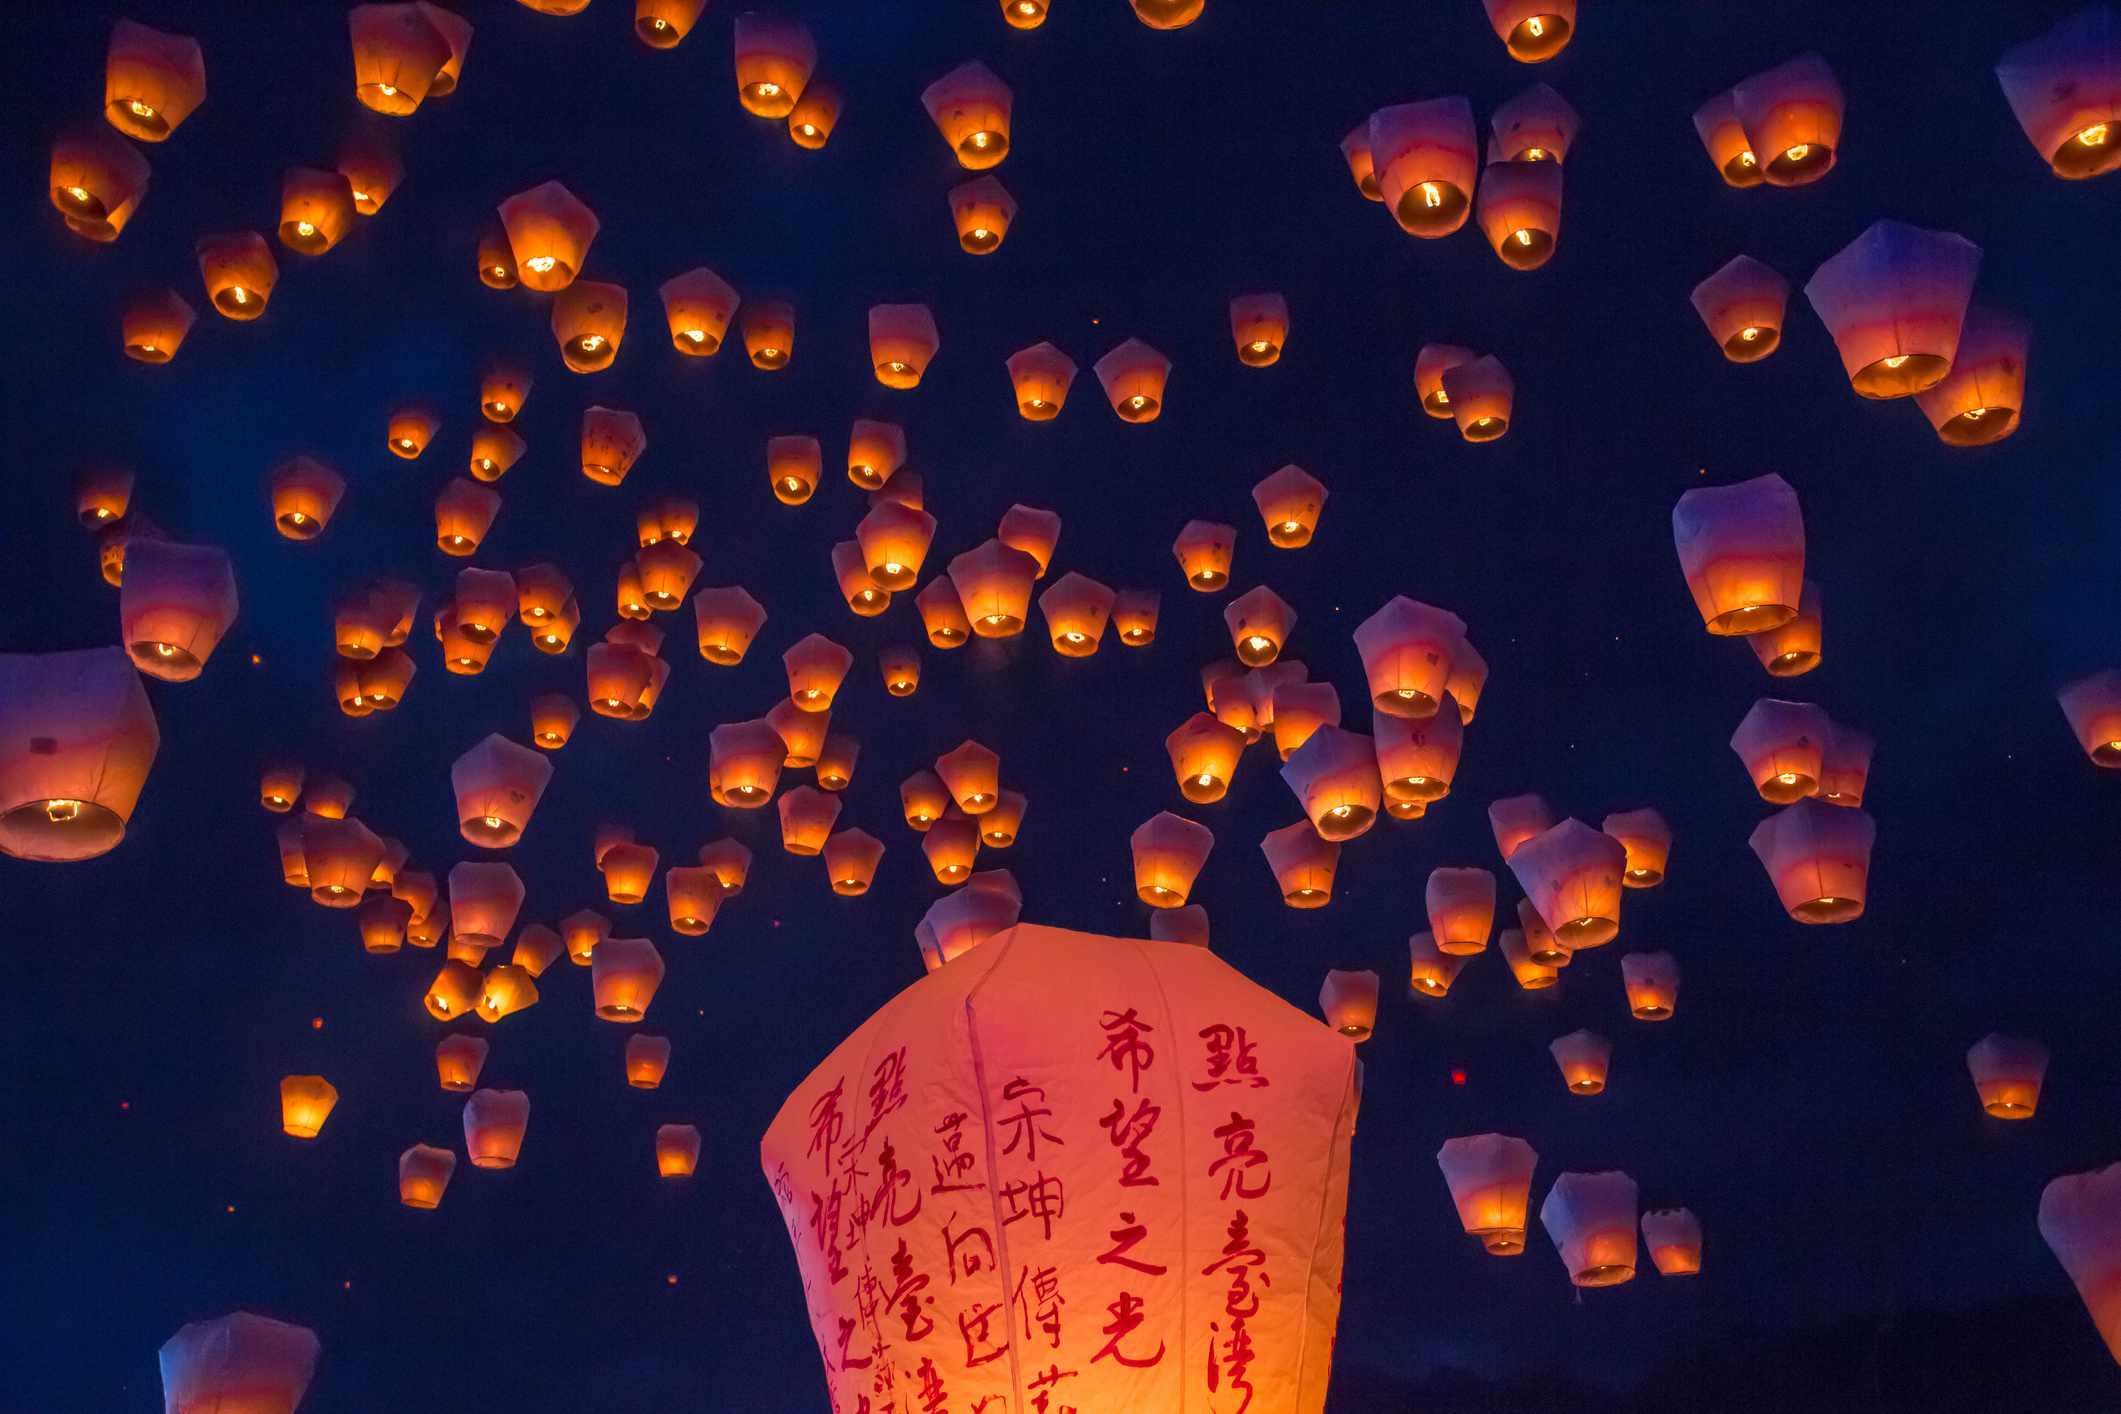 pingxi sky lantern festival Taiwan